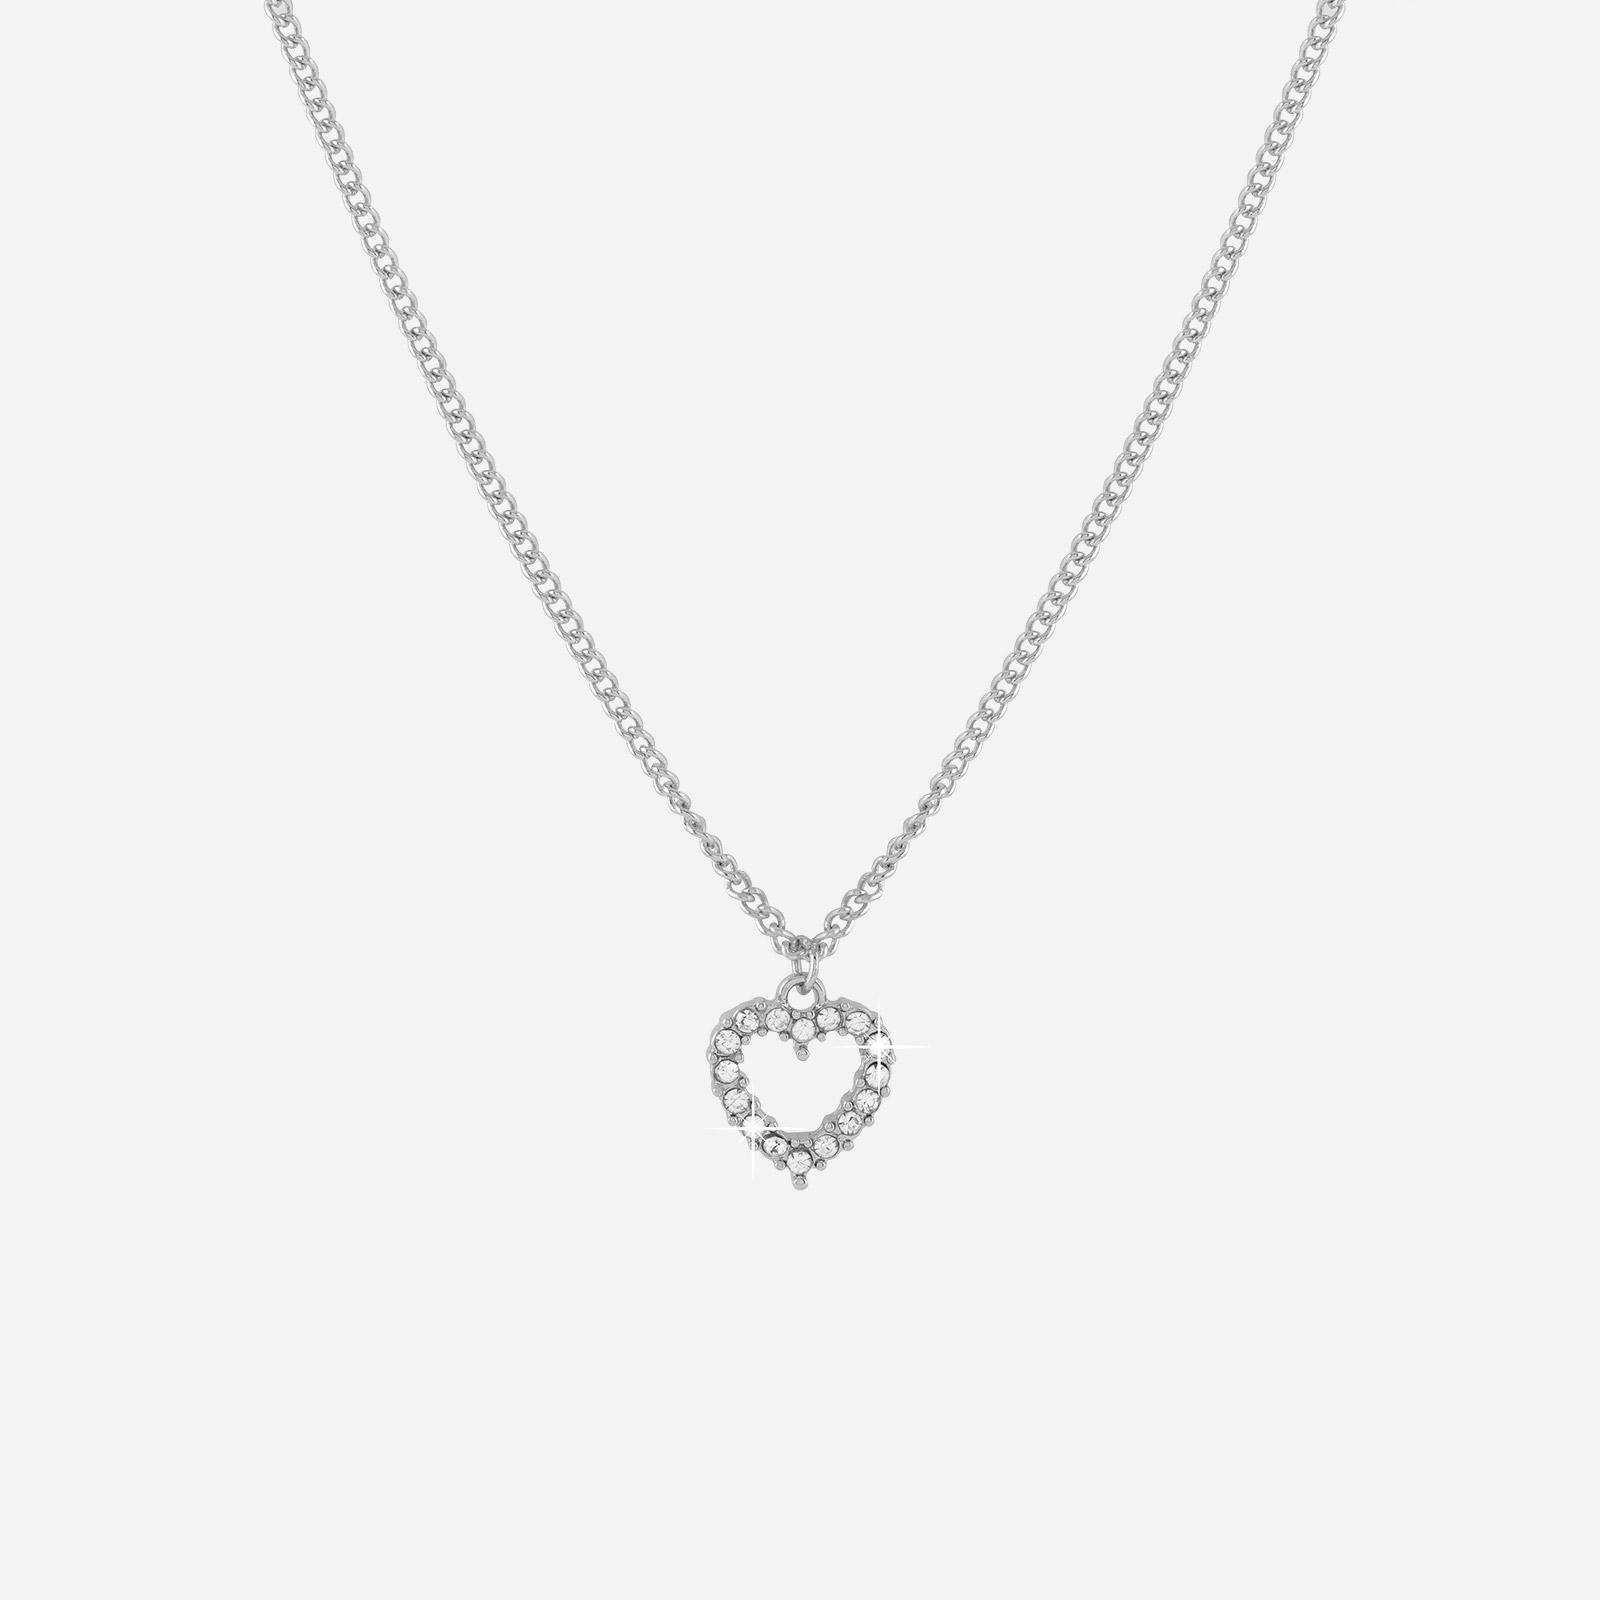 Silverfärgat halsband med hjärta som berlock